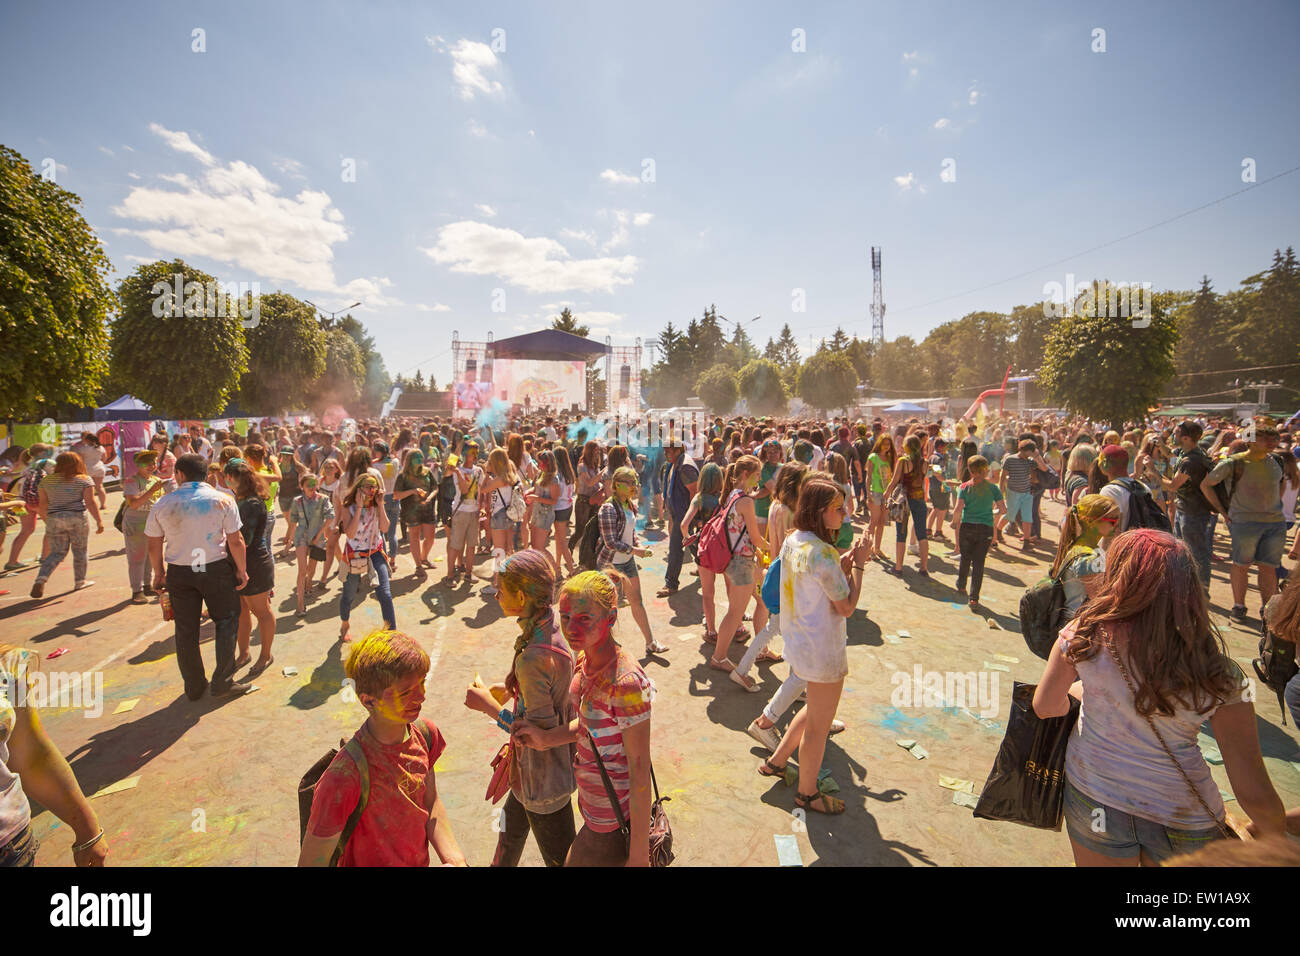 KALININGRAD, Russland - 12. Juni 2015: Menschen mit aufgemalten Gesichtern während das Holi-Fest der Farben Stockbild